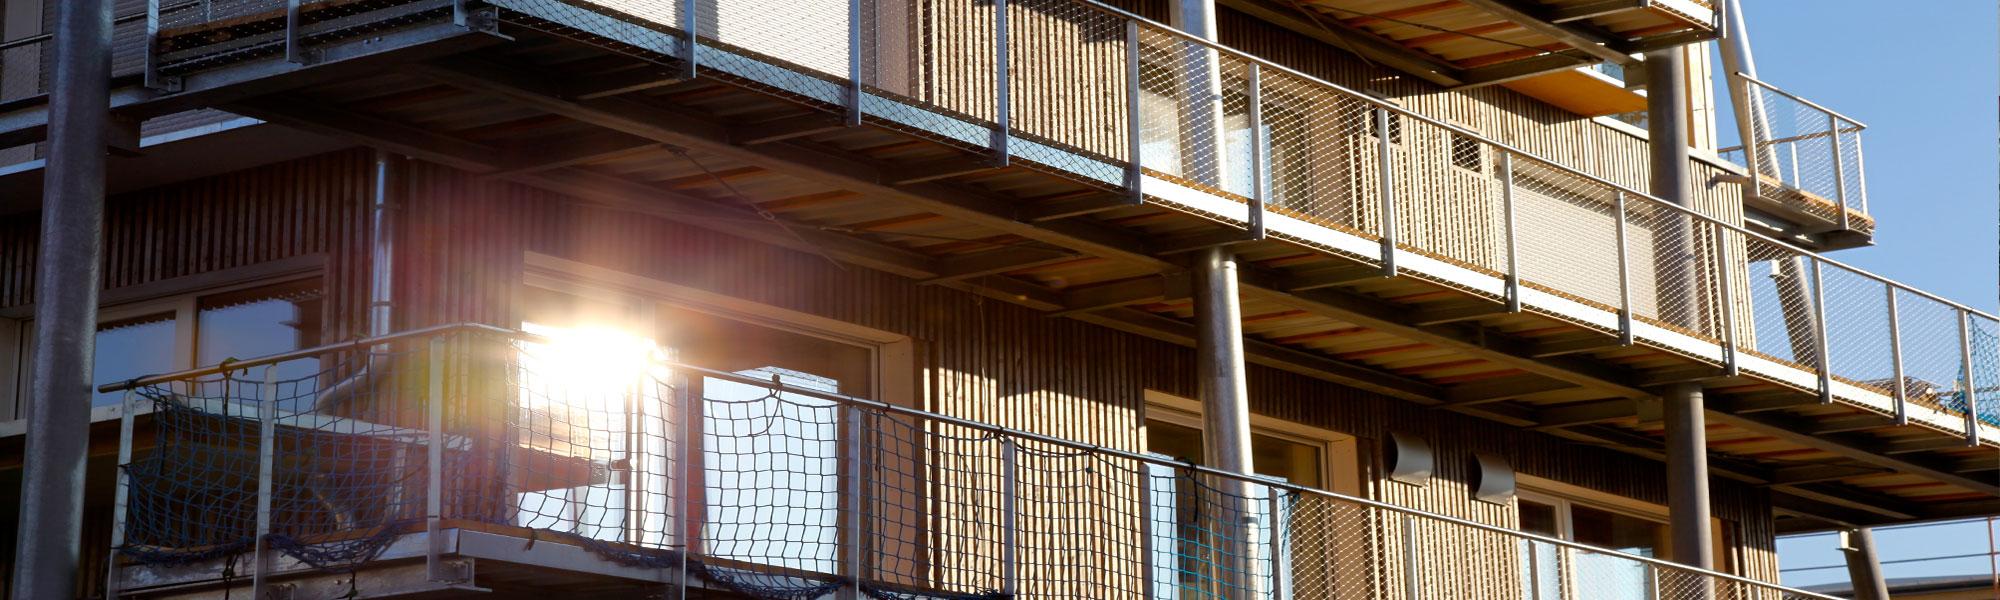 Ökologie in der Architektur: energieeffizient und energiesparend